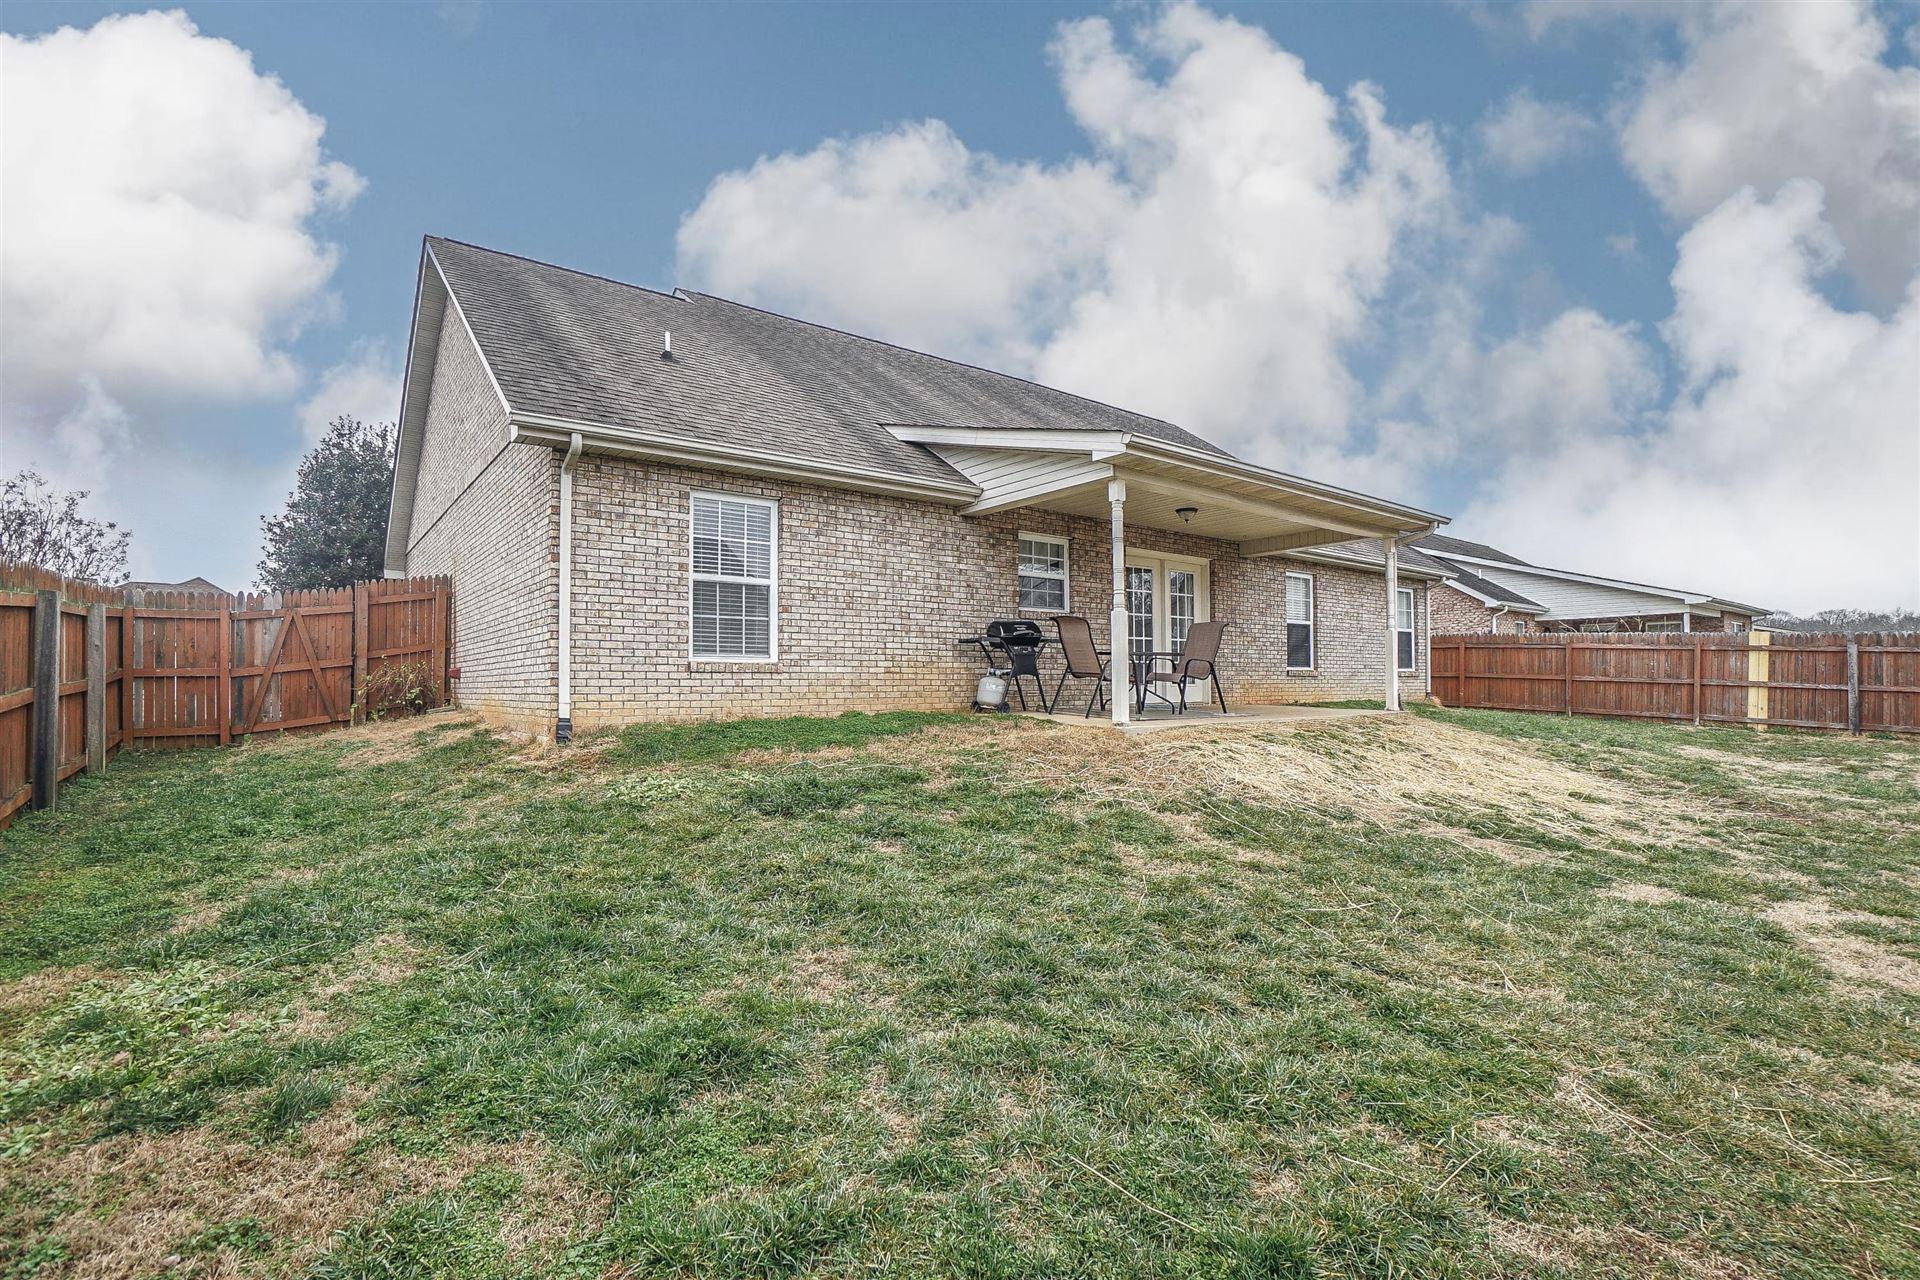 Photo of 1236 Bastogne Drive, Maryville, TN 37801 (MLS # 1139953)